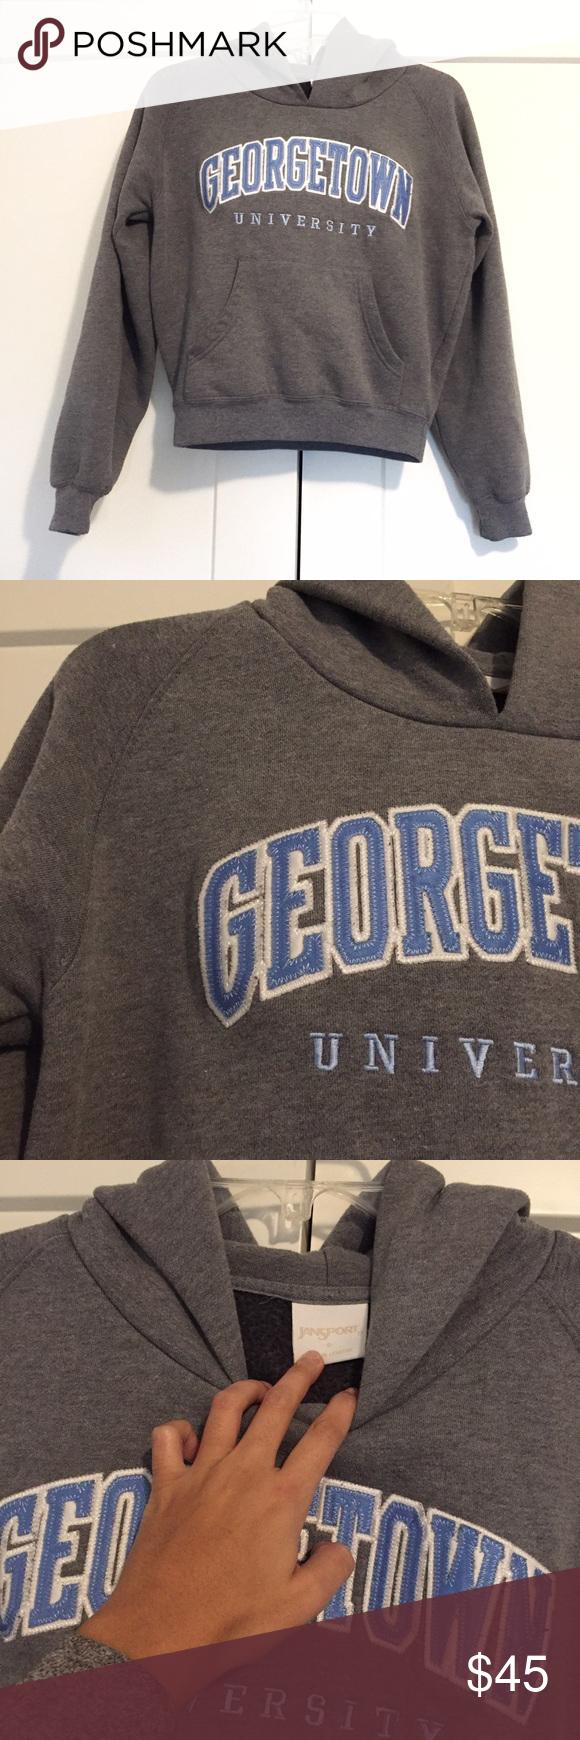 Lowest Georgetown University Hoodie Sweatshirt Sweatshirts Sweatshirts Hoodie Hoodies [ 1740 x 580 Pixel ]